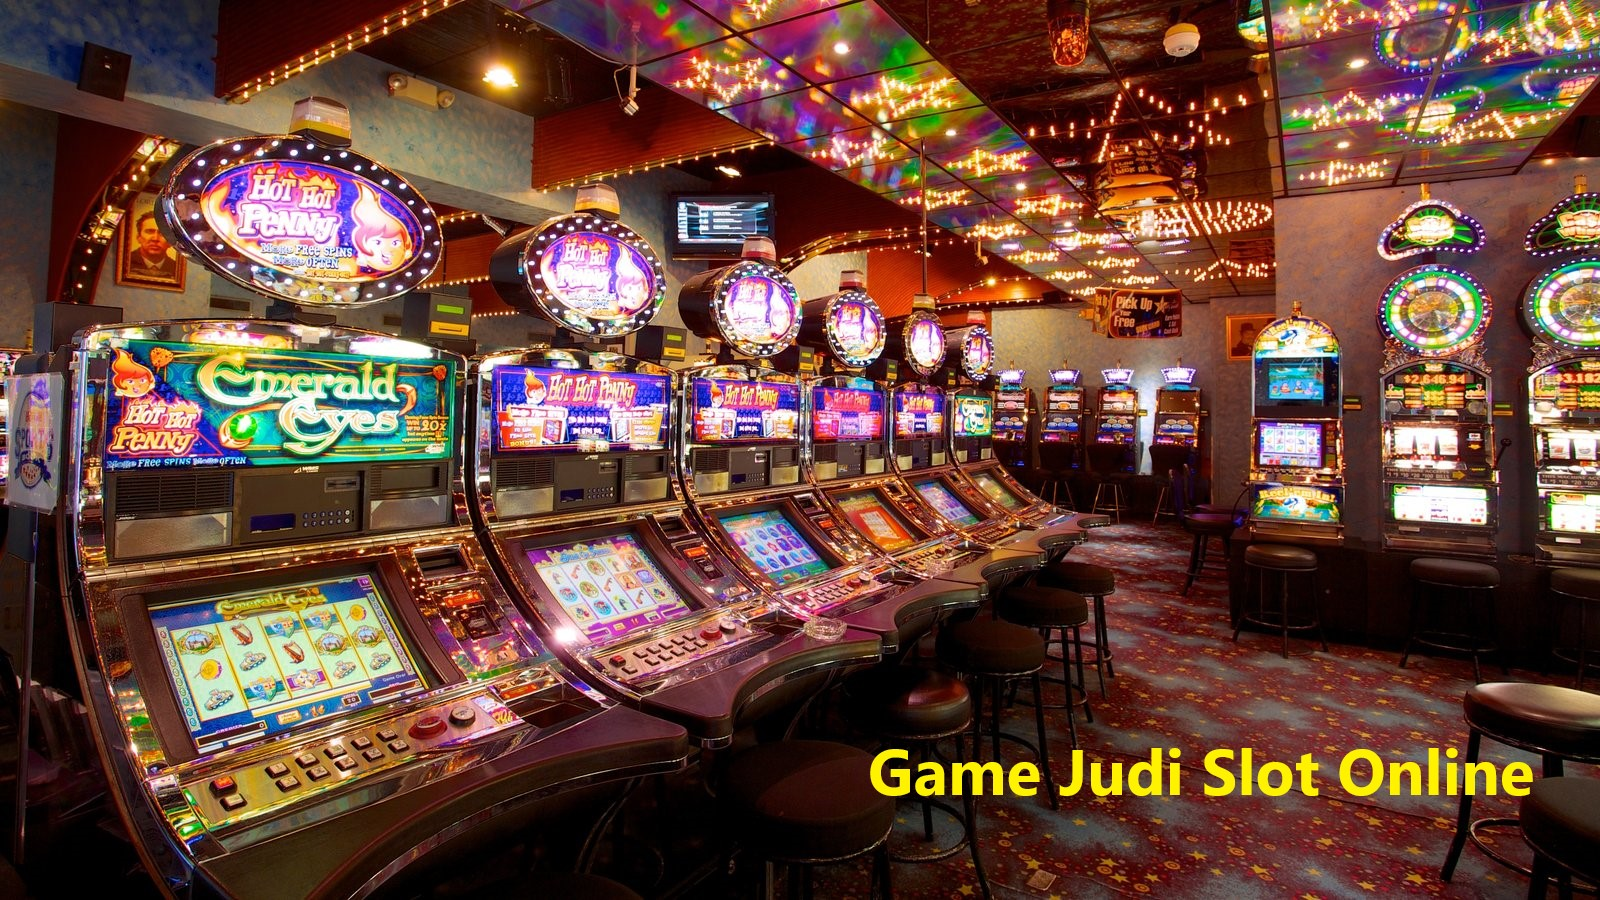 Game Judi Slot Online Terpercaya Di Tanah Air